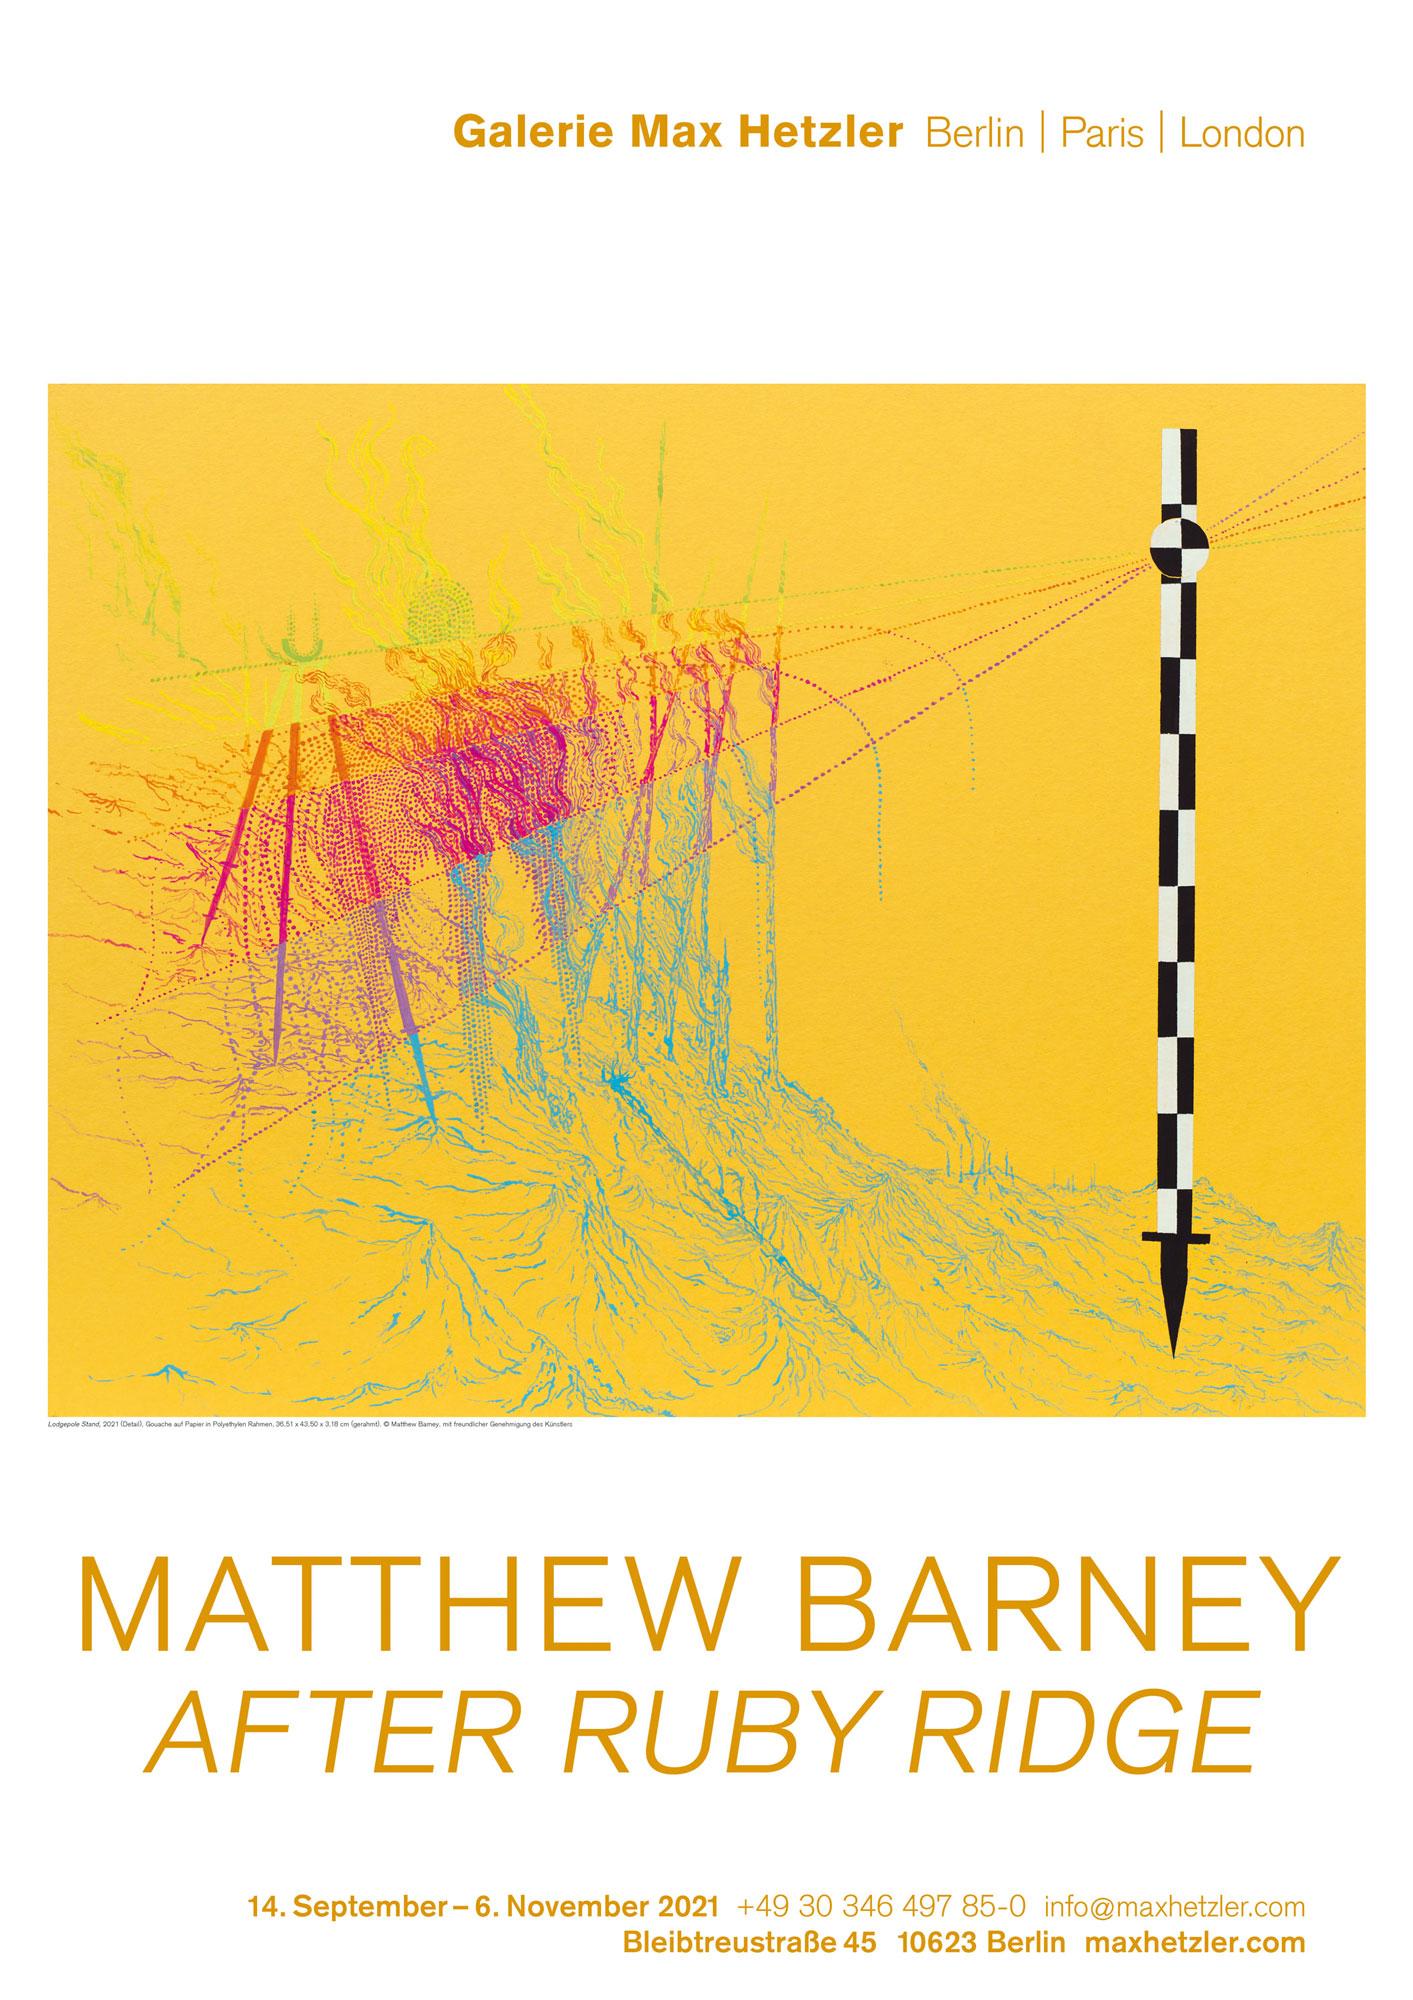 Matthew Barney, After Ruby Ridge - Galerie Max Hetzler